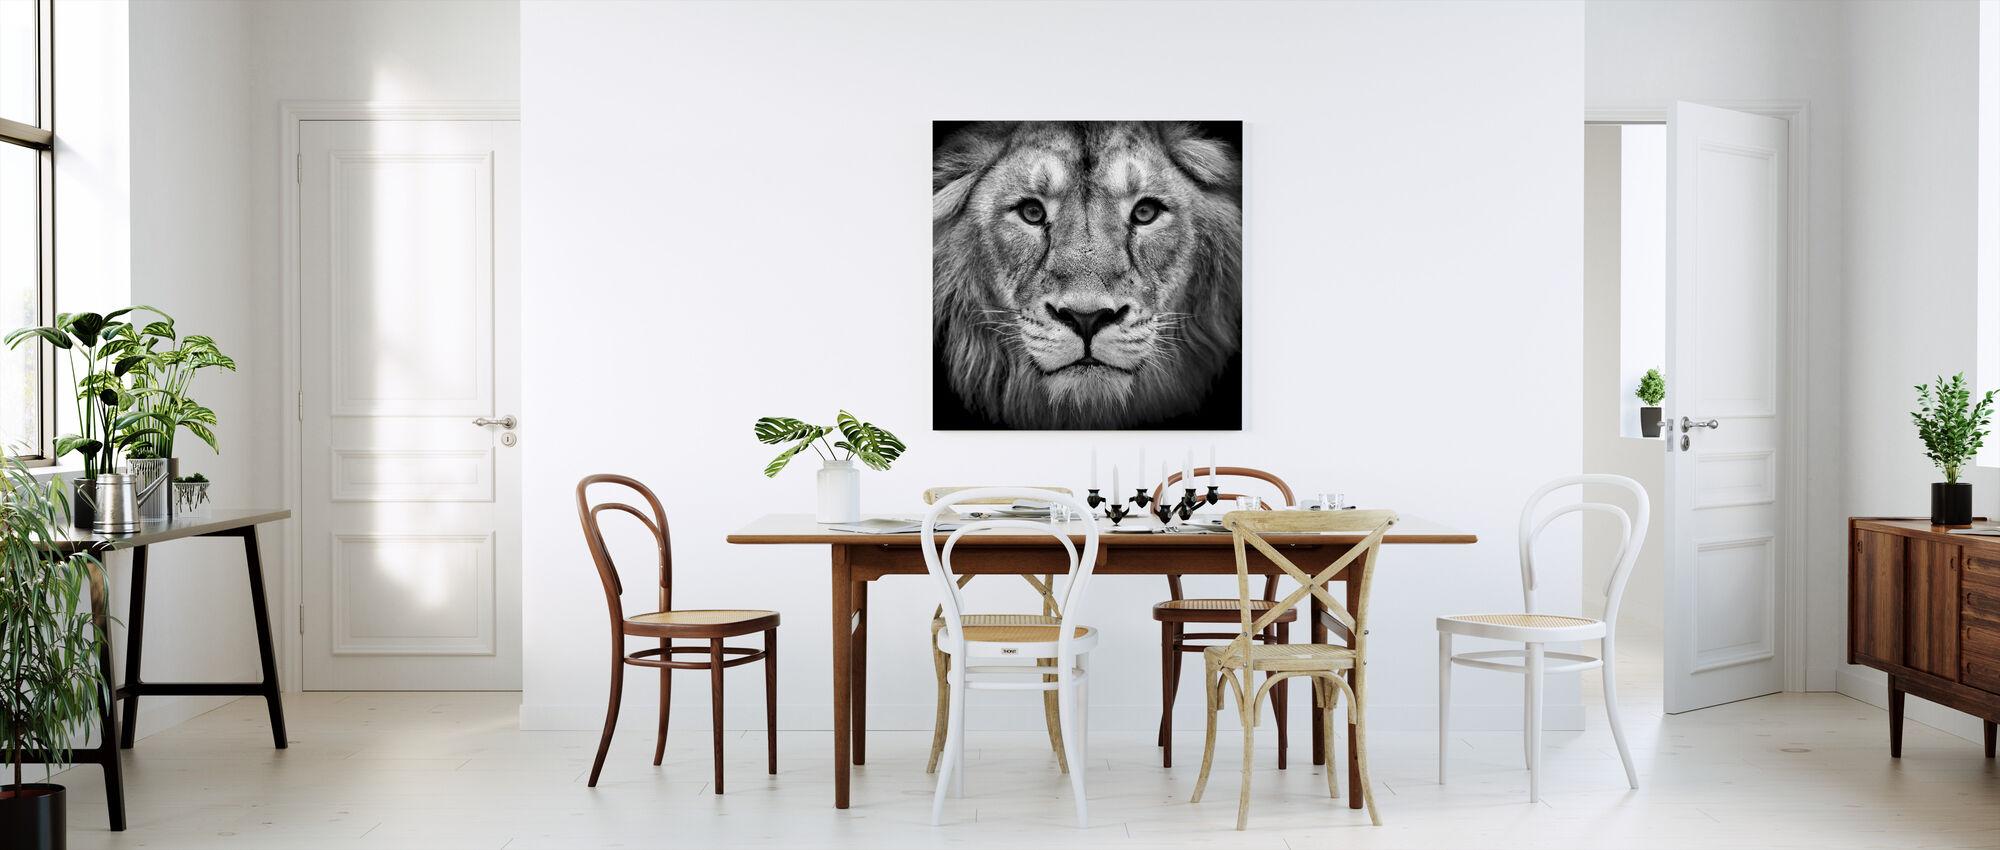 Viisas Lion, musta ja valkoinen - Canvastaulu - Keittiö